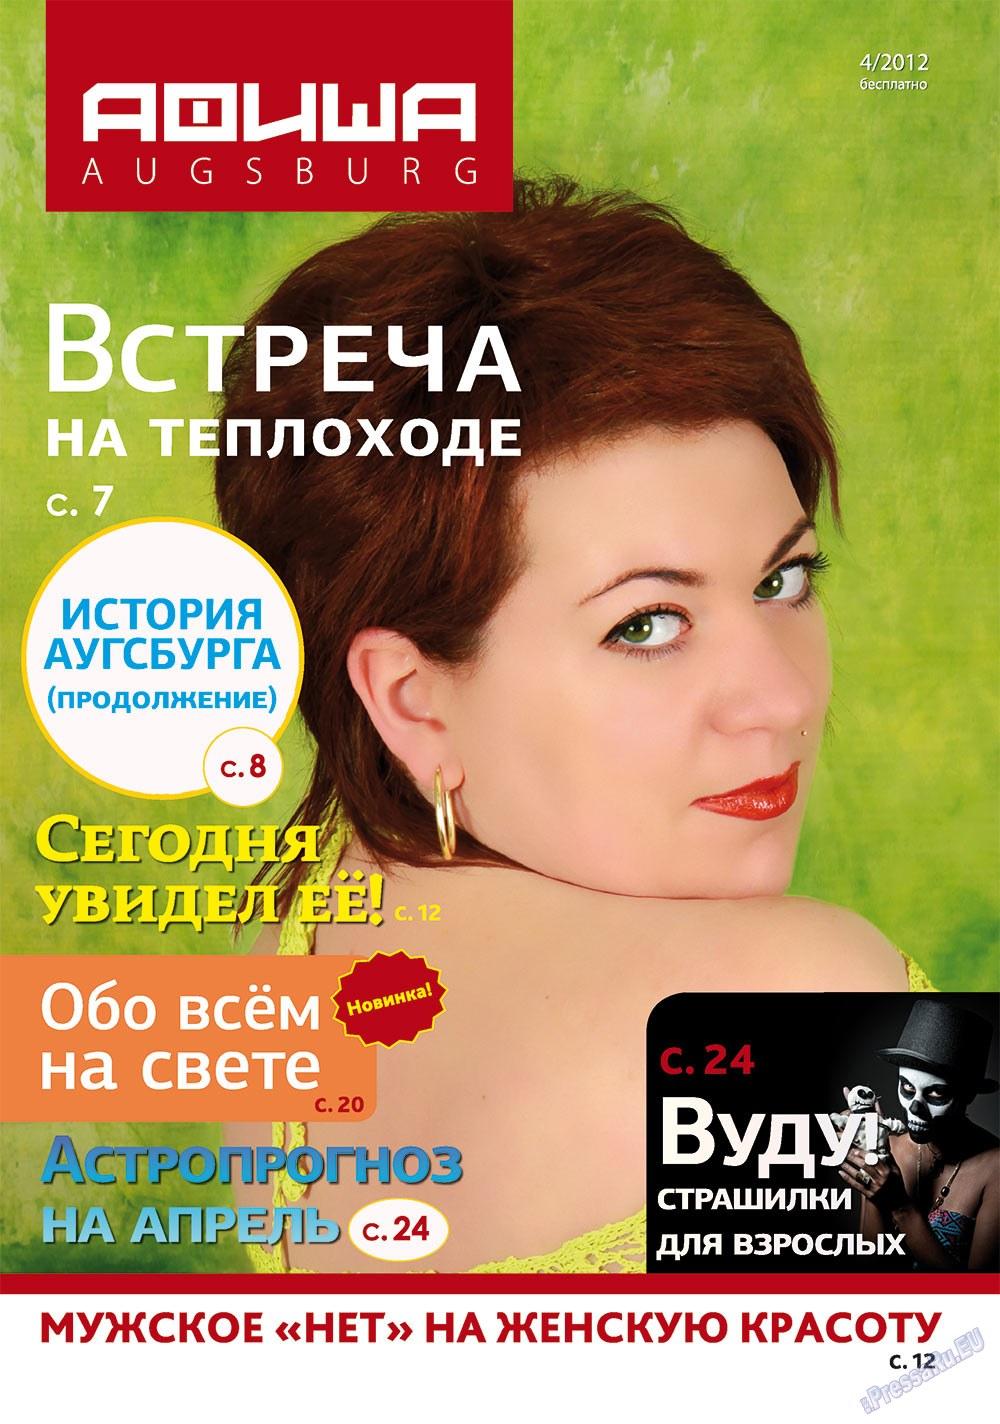 Афиша Augsburg (журнал). 2012 год, номер 4, стр. 1